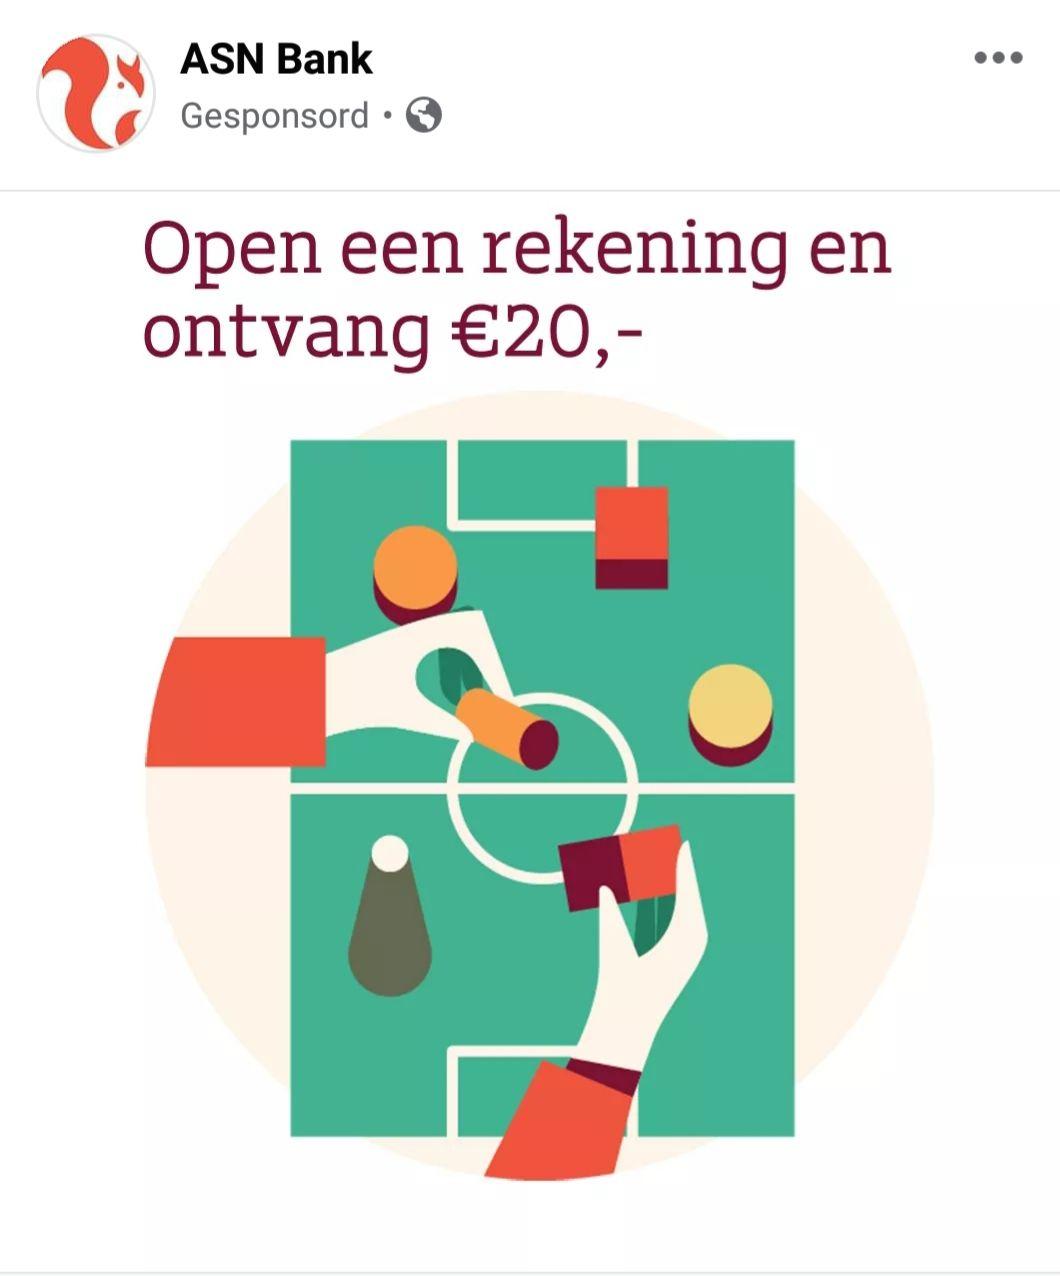 [Gratis geld] €20 cadeau bij openen ASN Beleggingsrekening of ASN Doelbeleggen (minimaal €20 inleg)